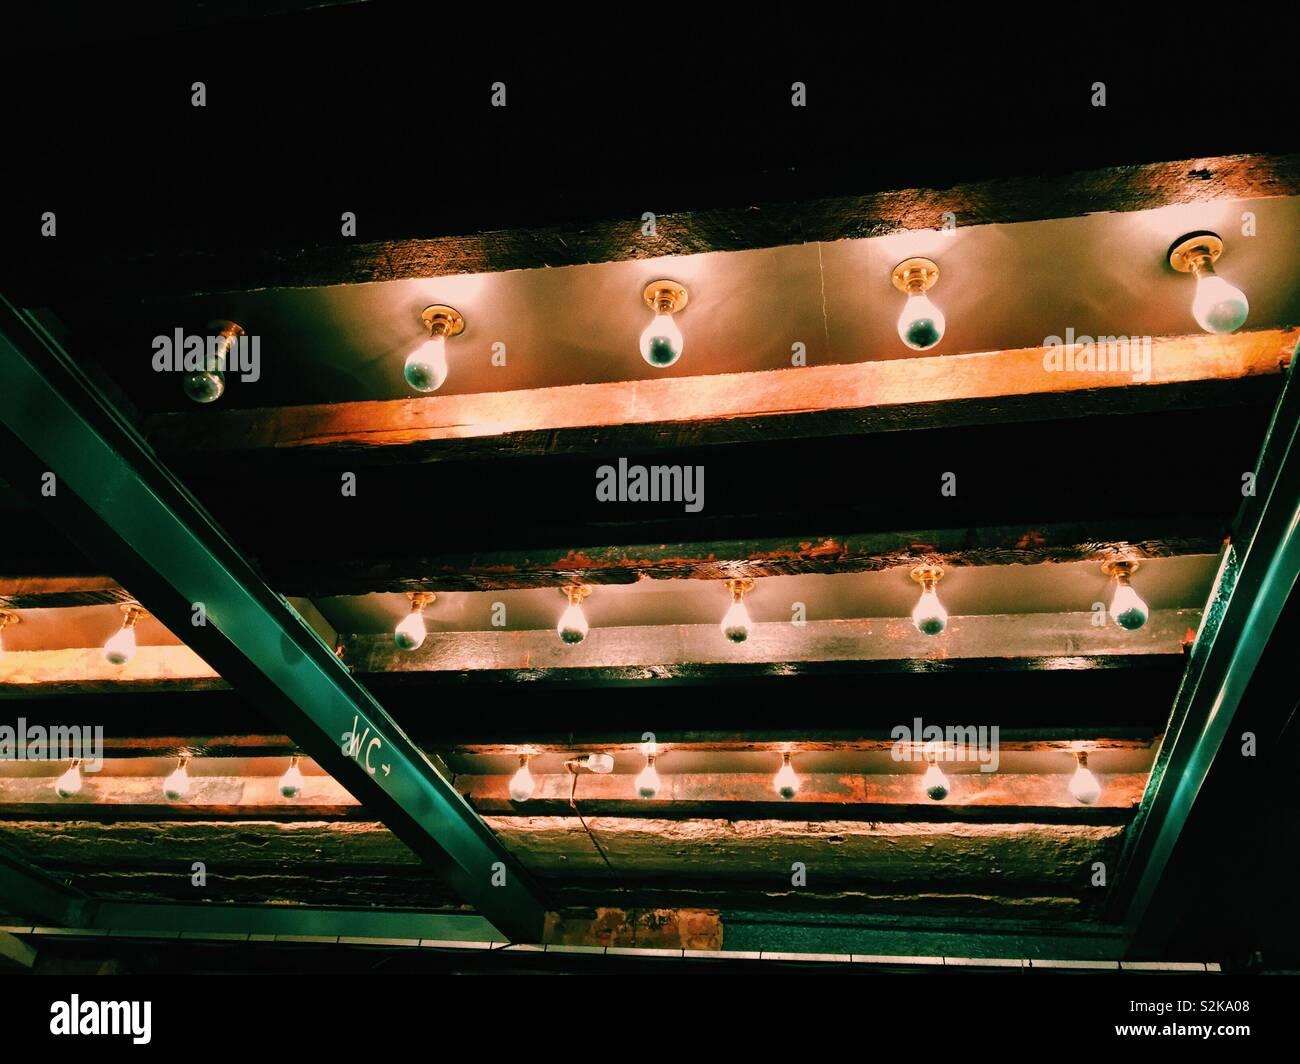 Plafond avec des bandes de lumières ampoule nue dans le bar. Des feux de carnaval Photo Stock